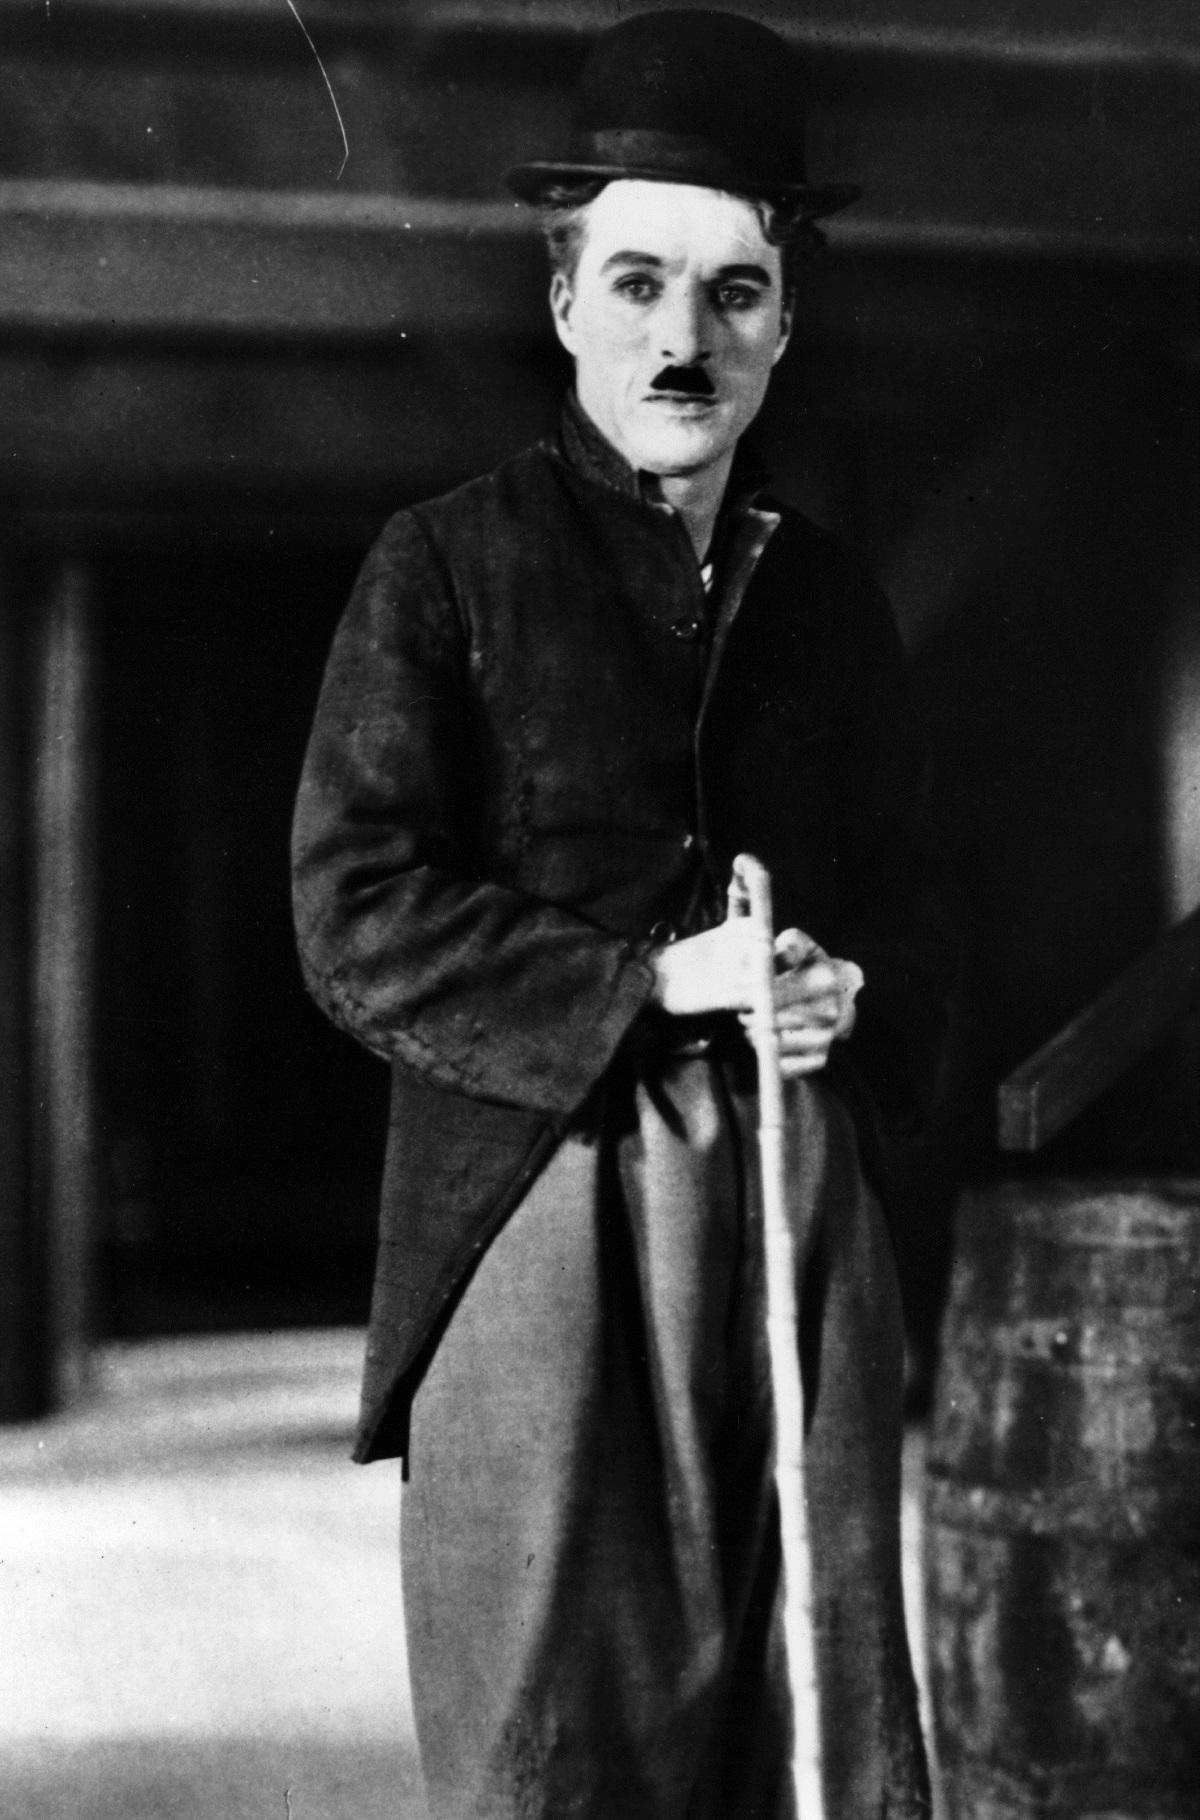 """Чарли Чаплин - Периодично се появяват съобщения, че Чарли Чаплин също е бил масон. Да, в речта на финала на """"Великият диктатор"""" се прокрадват идеите на масонството. В масонската енциклопедия обаче четем, че по сведения на сина му Юджийн Чарли Чаплин никога не е бил член на масонска ложа."""